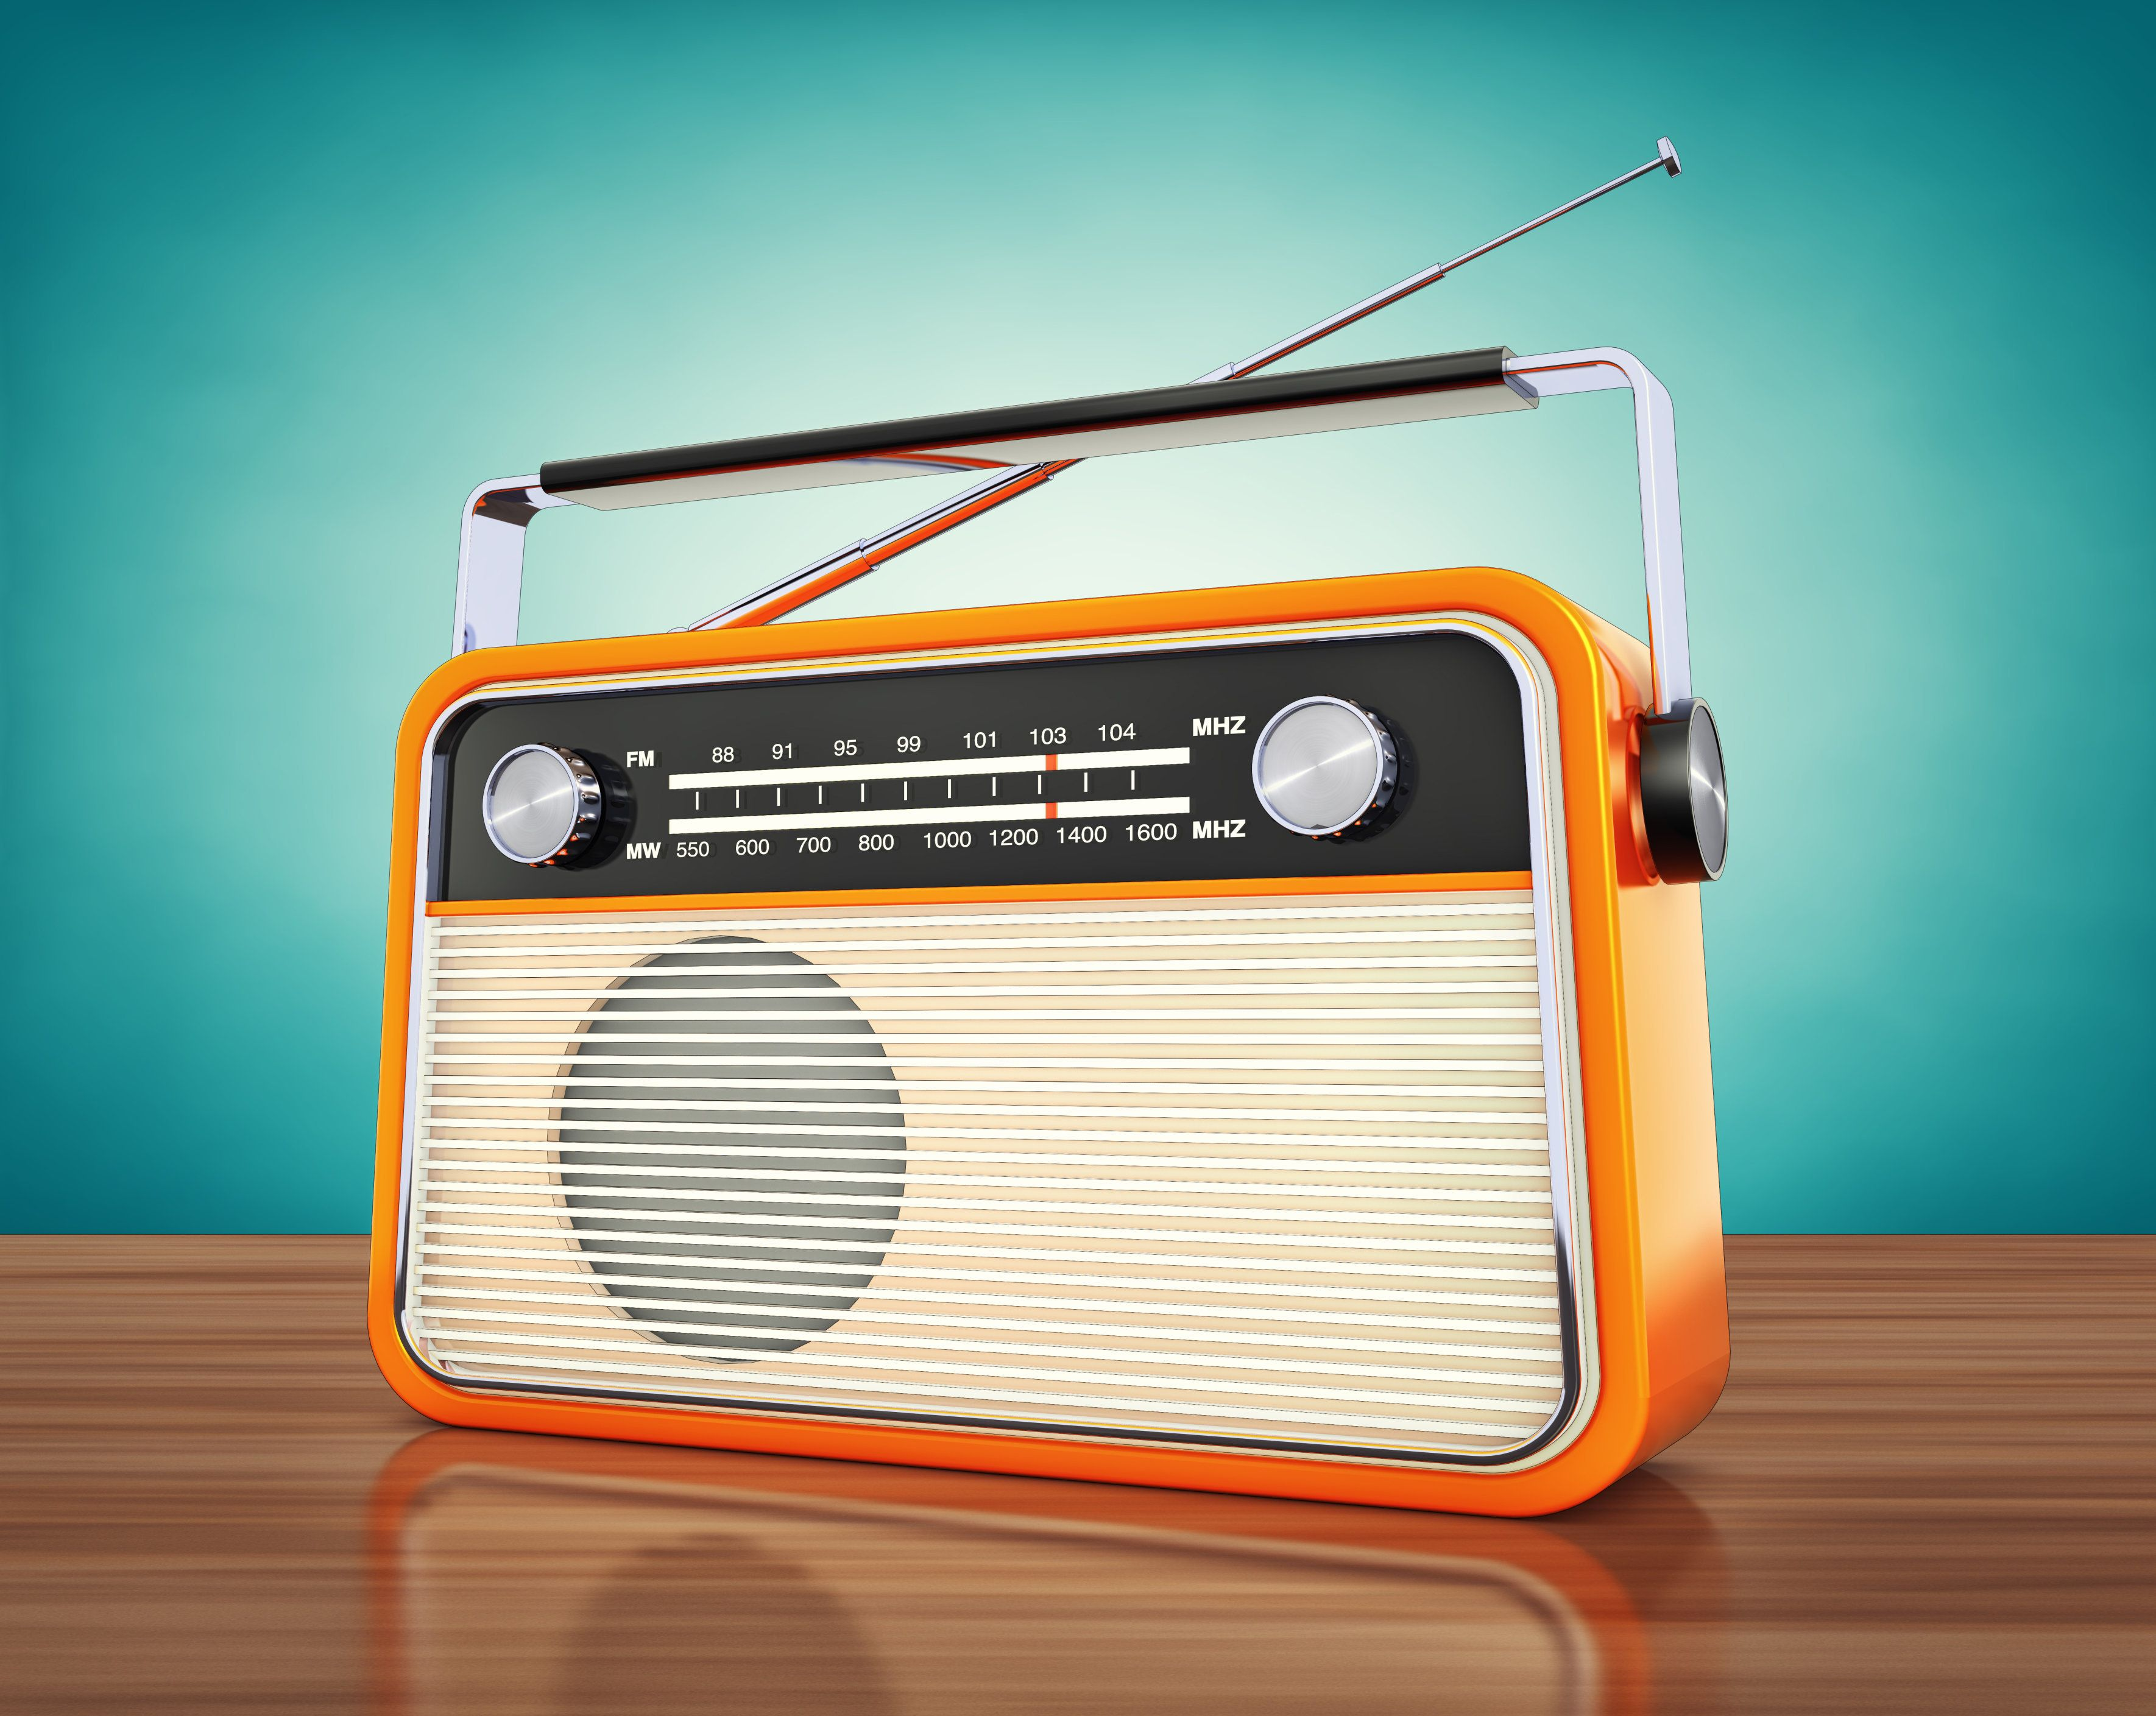 3d rendering of a vintage radio